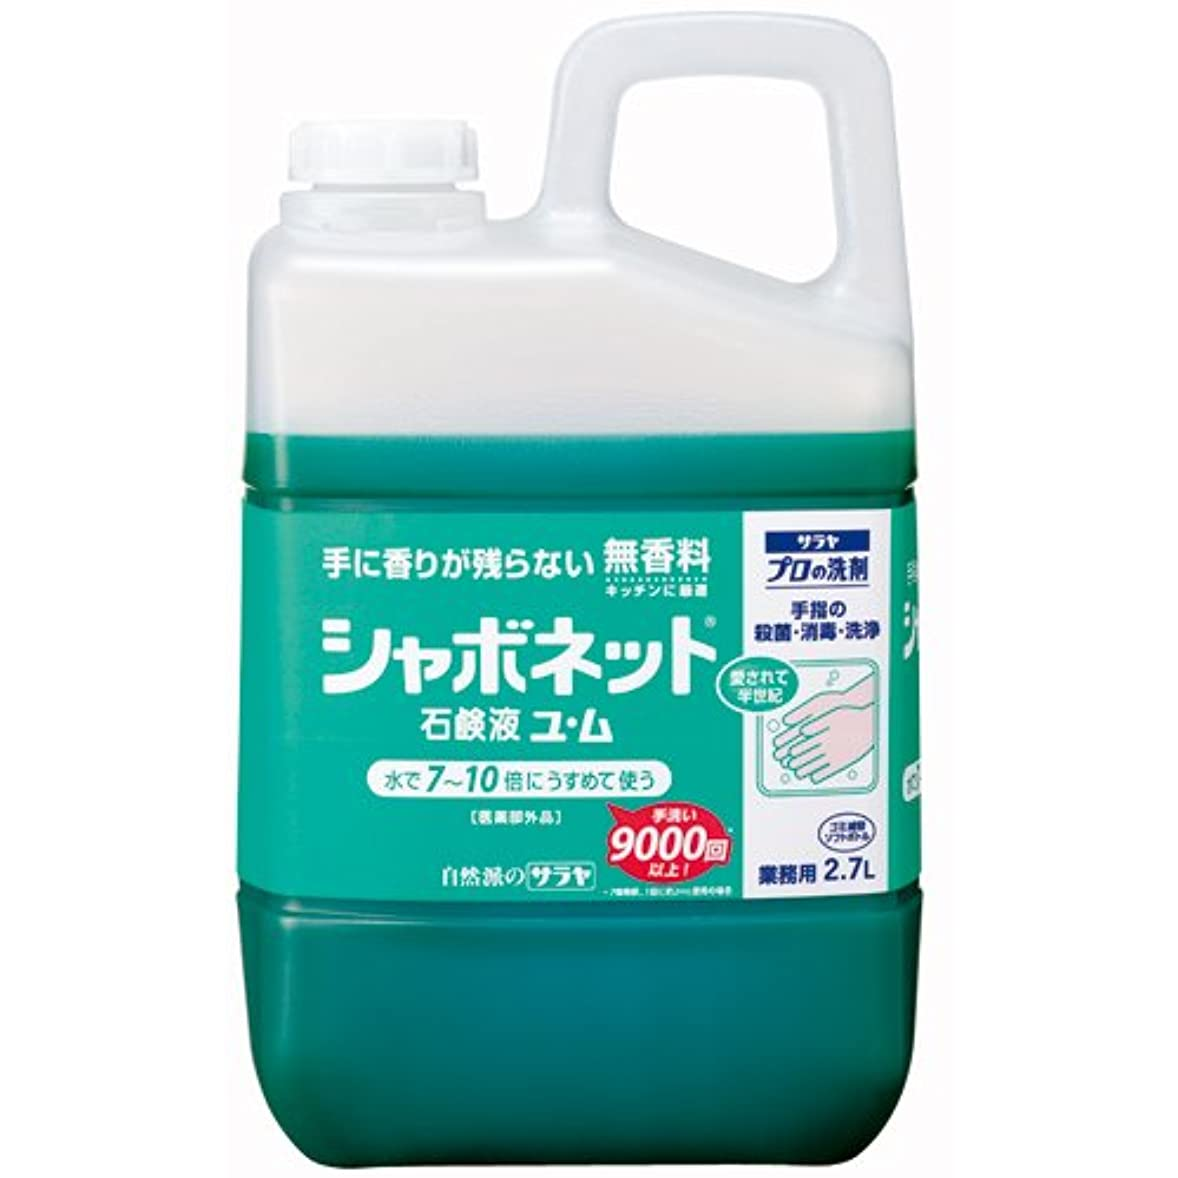 老朽化したドル利得サラヤ シャボネット石鹸液 ユ?ム 無香料 業務用 2.7L